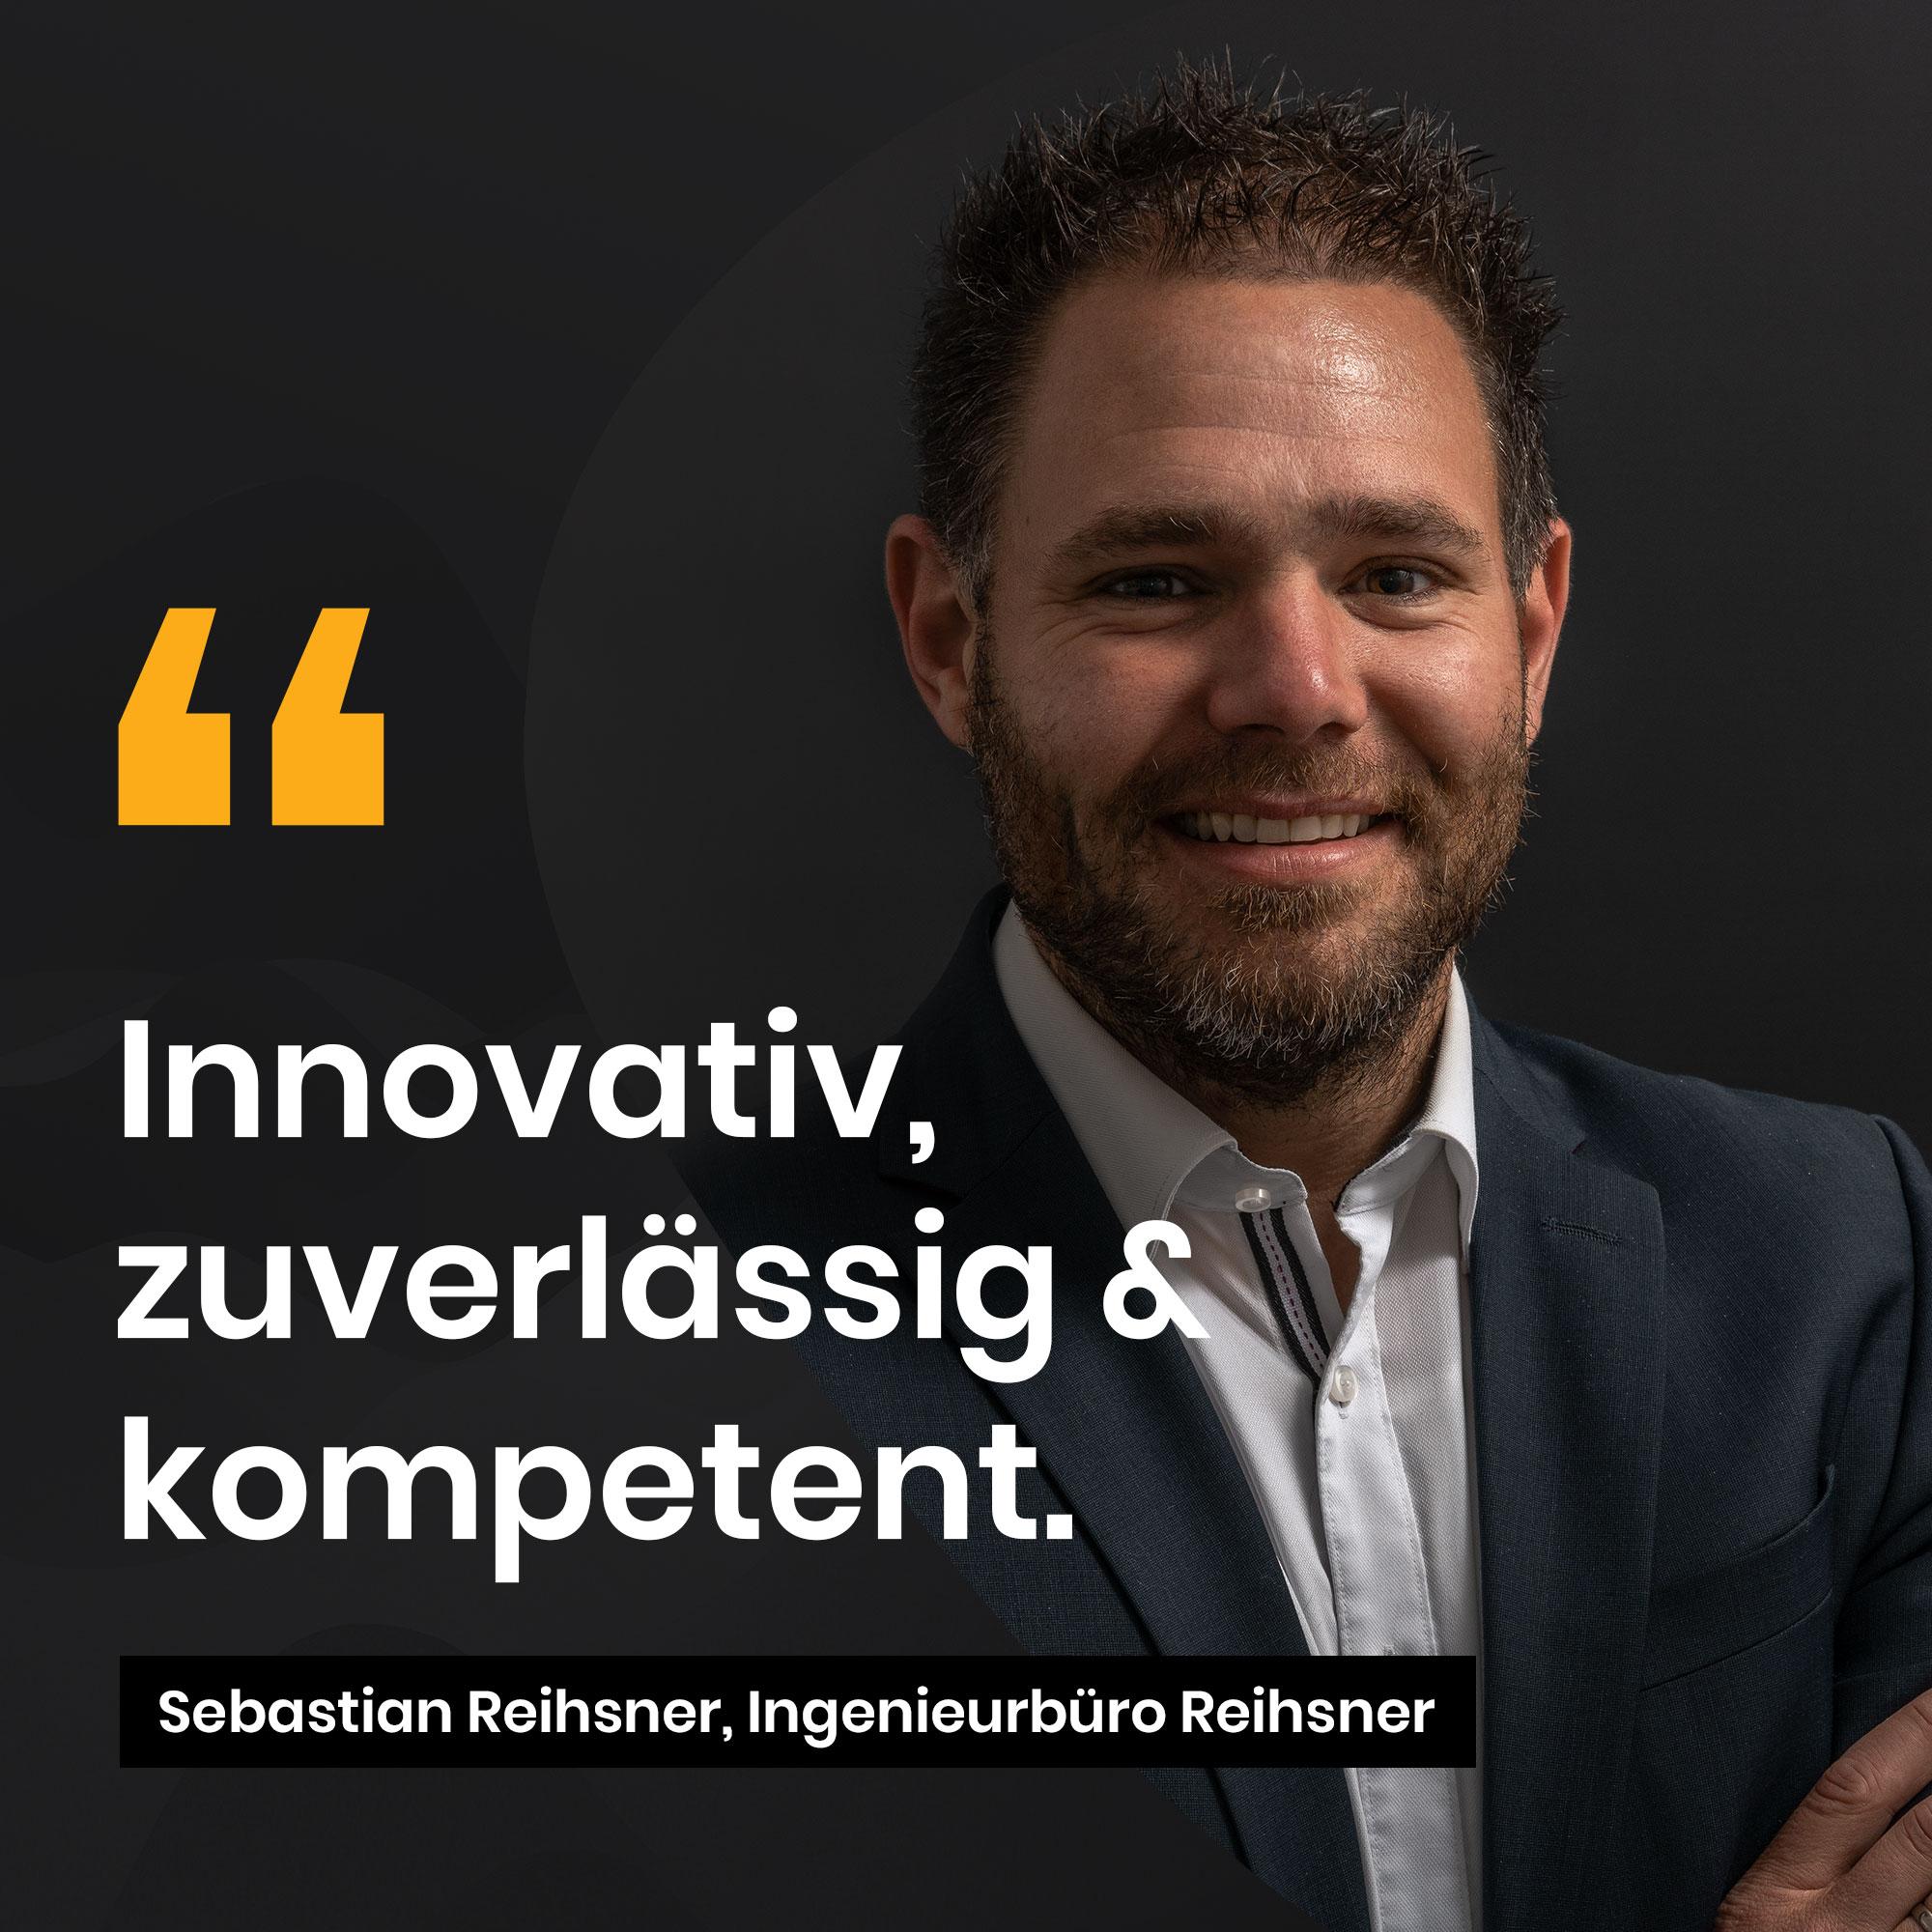 Sebastian Reihsner, Ingenieurbüro Reihsner